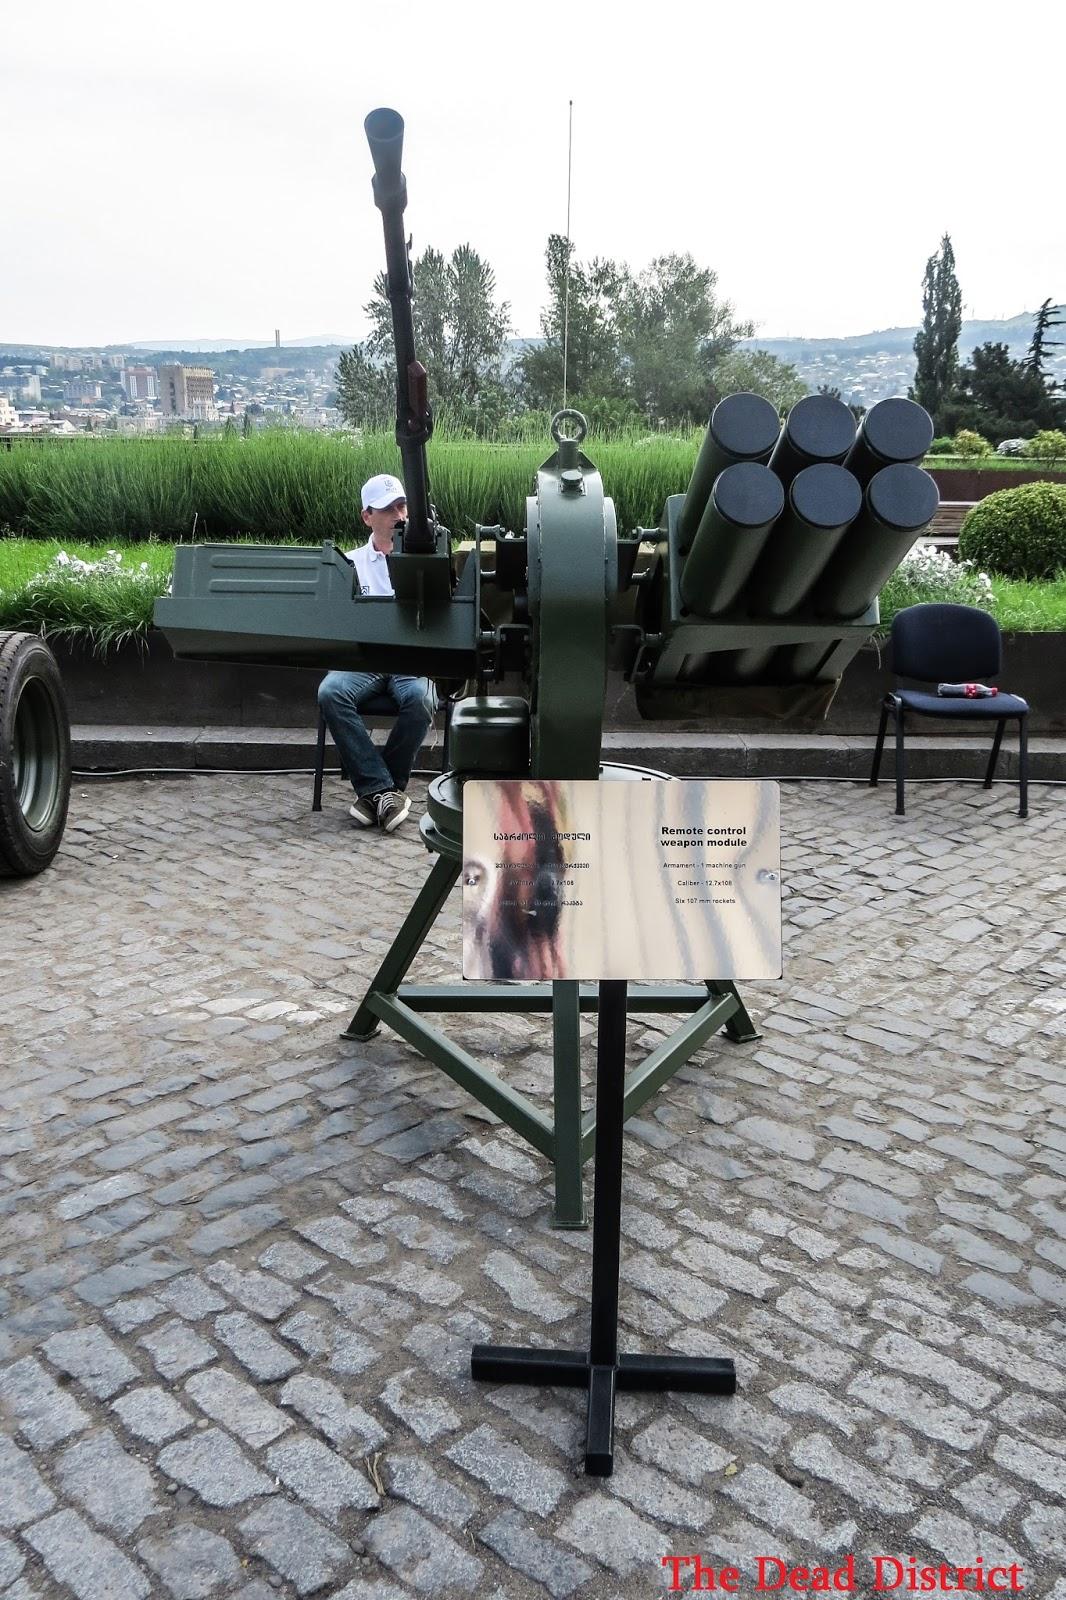 Georgia Μilitary: News and Modernisation IMG_3180